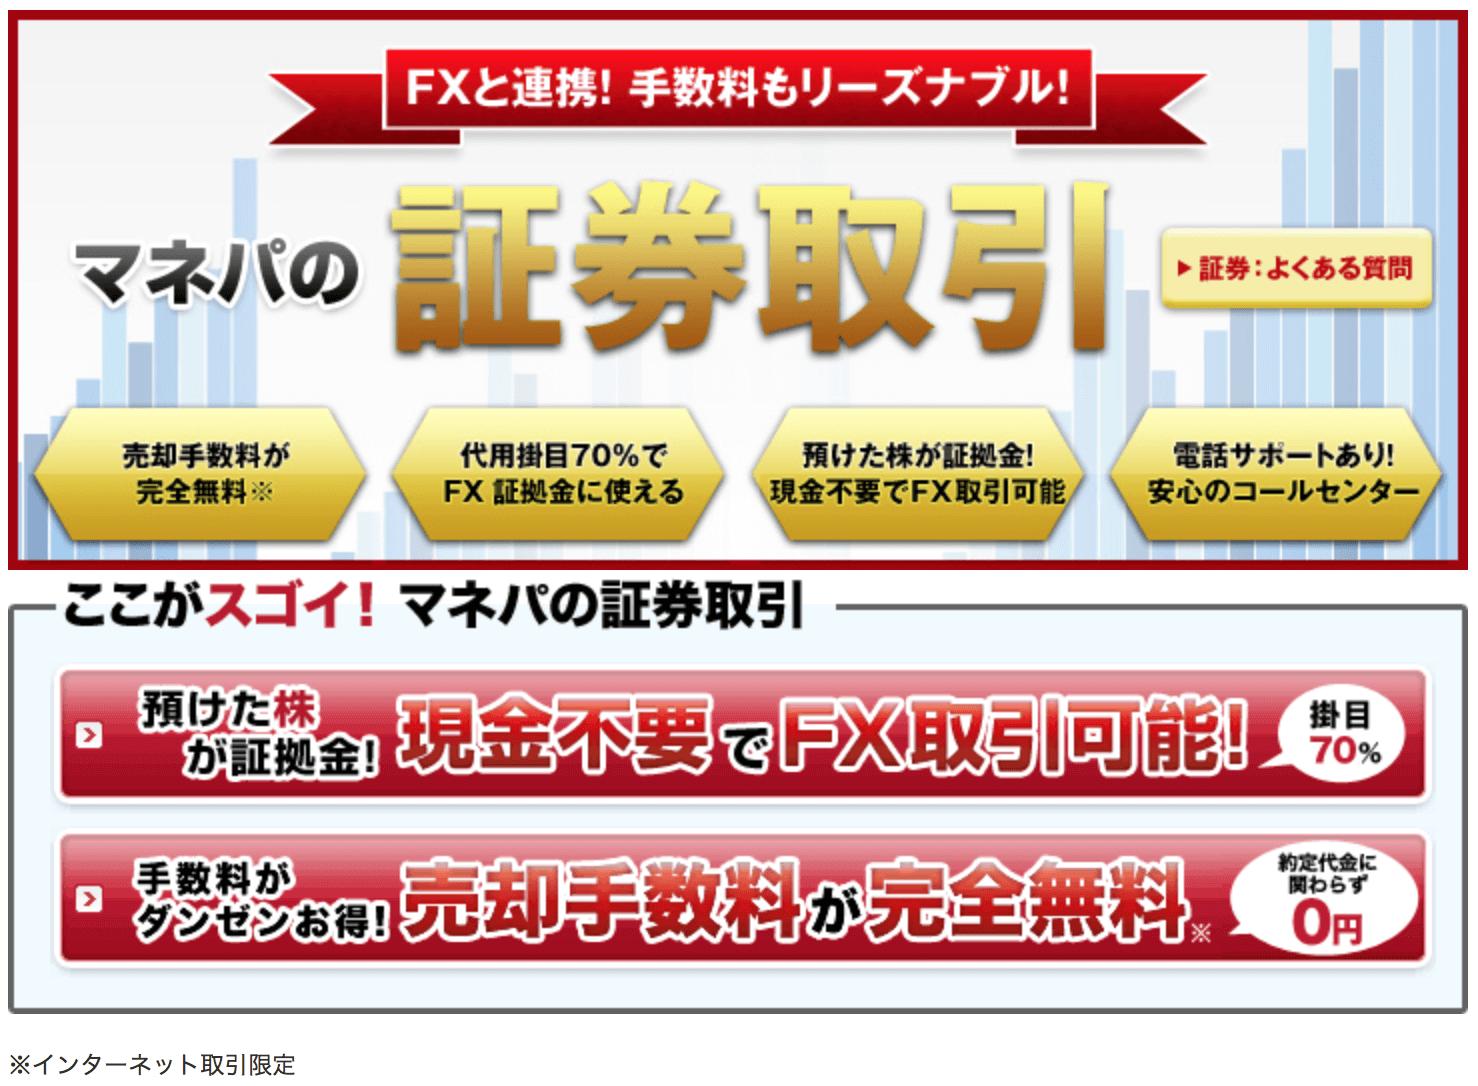 スクリーンショット 2016-06-29 0.16.44